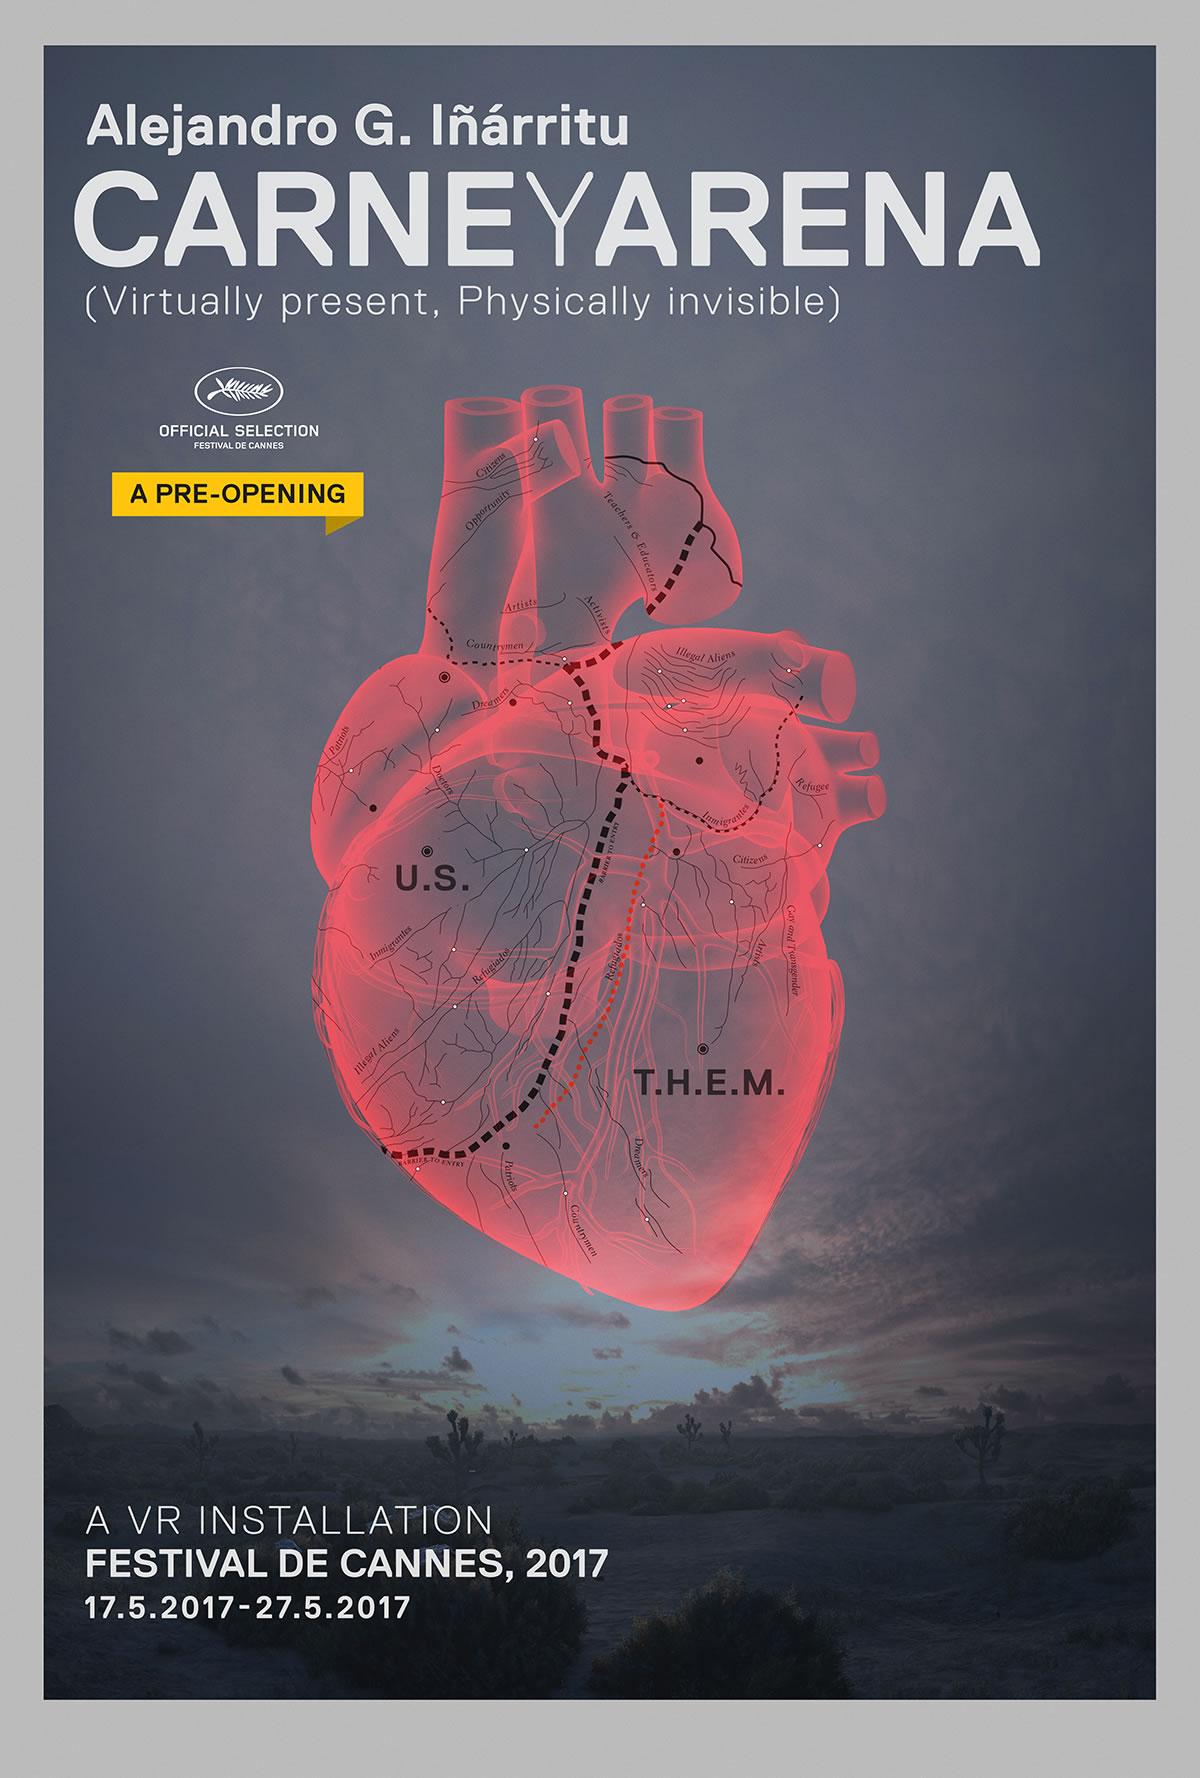 Affiche de Carne y Arena, réalisé par Alejandro González Iñárritu (2017)